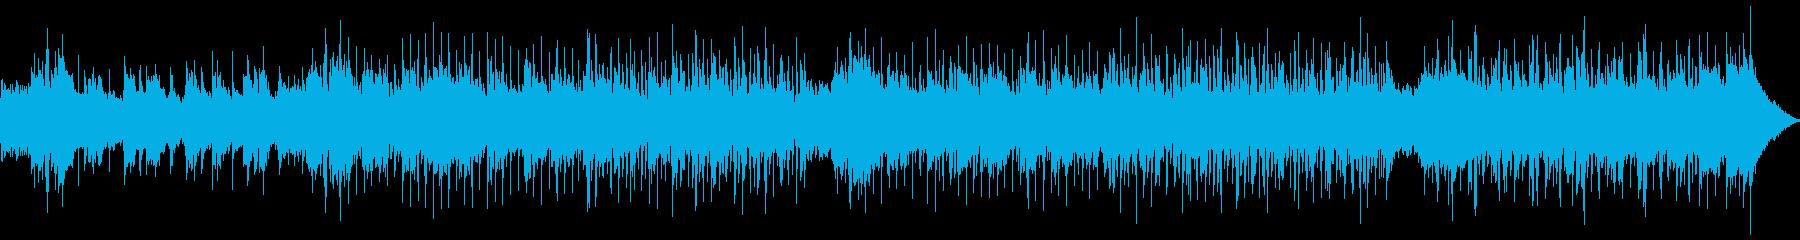 スローフォックス。の再生済みの波形